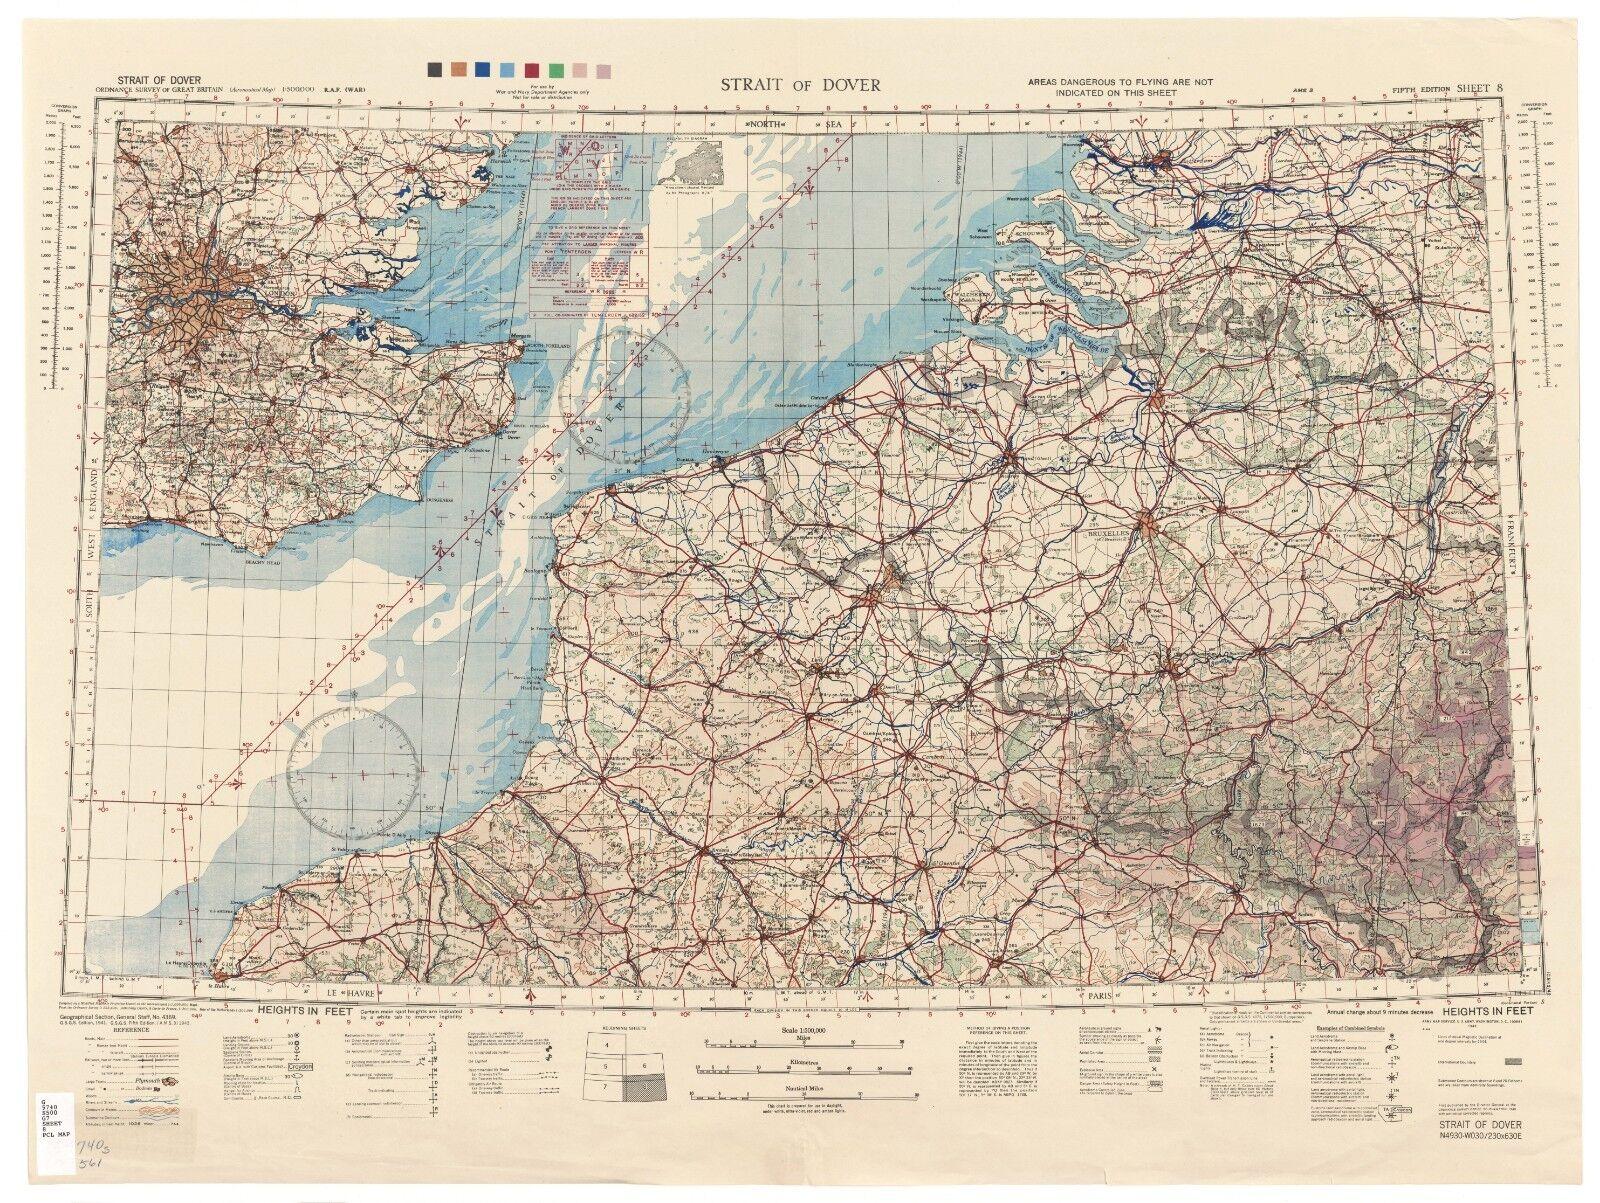 WW2 RAF MAP OF ENGLISH CHANNEL PRINT